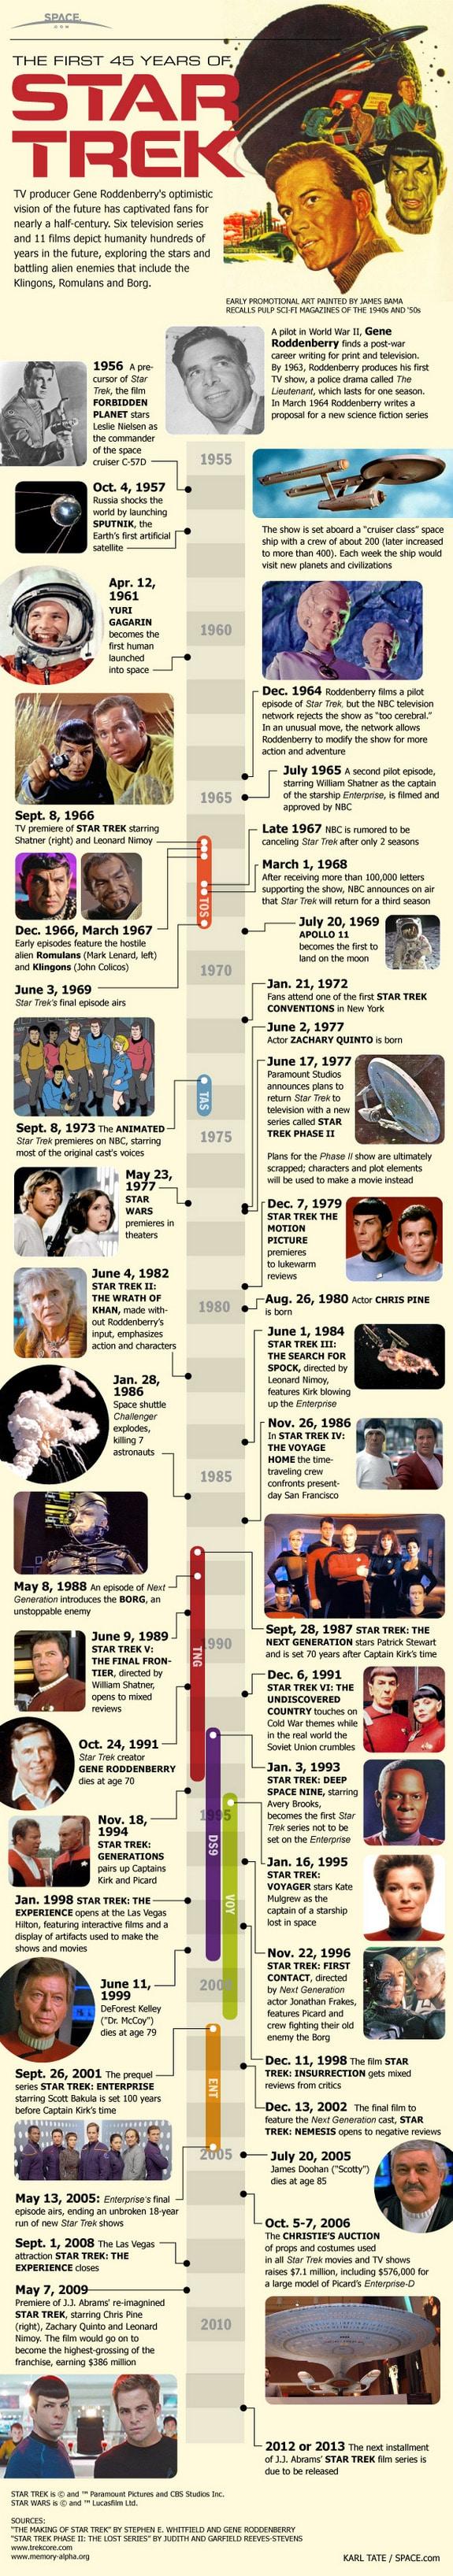 Star Trek 45 years Infographic